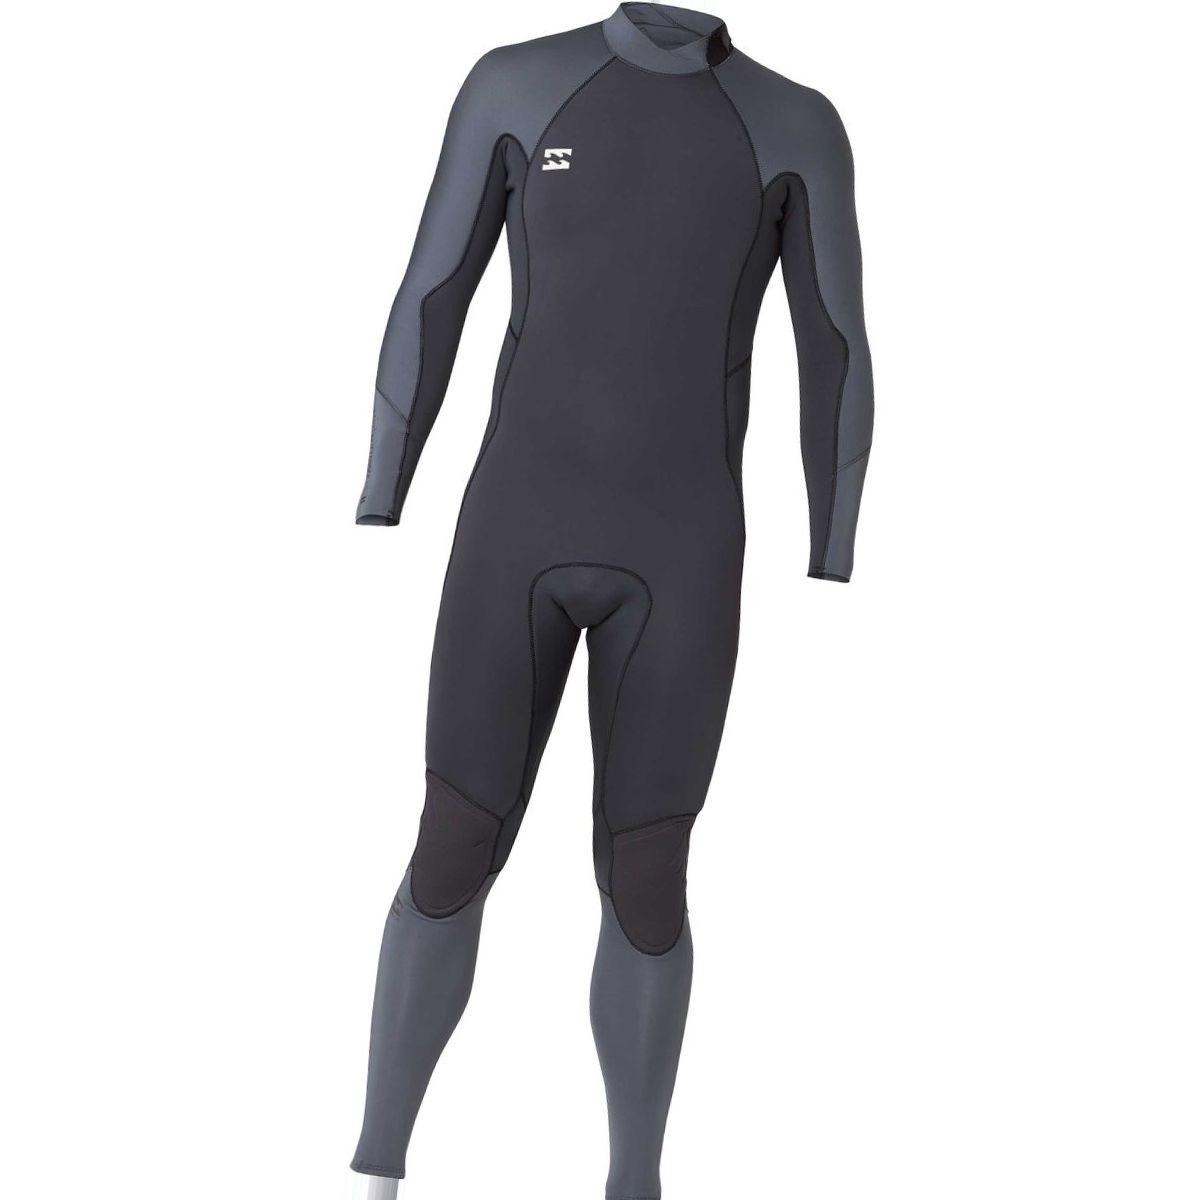 Billabong 4/3mm Furnace Absolute Back Zip Full Wetsuit - Men's